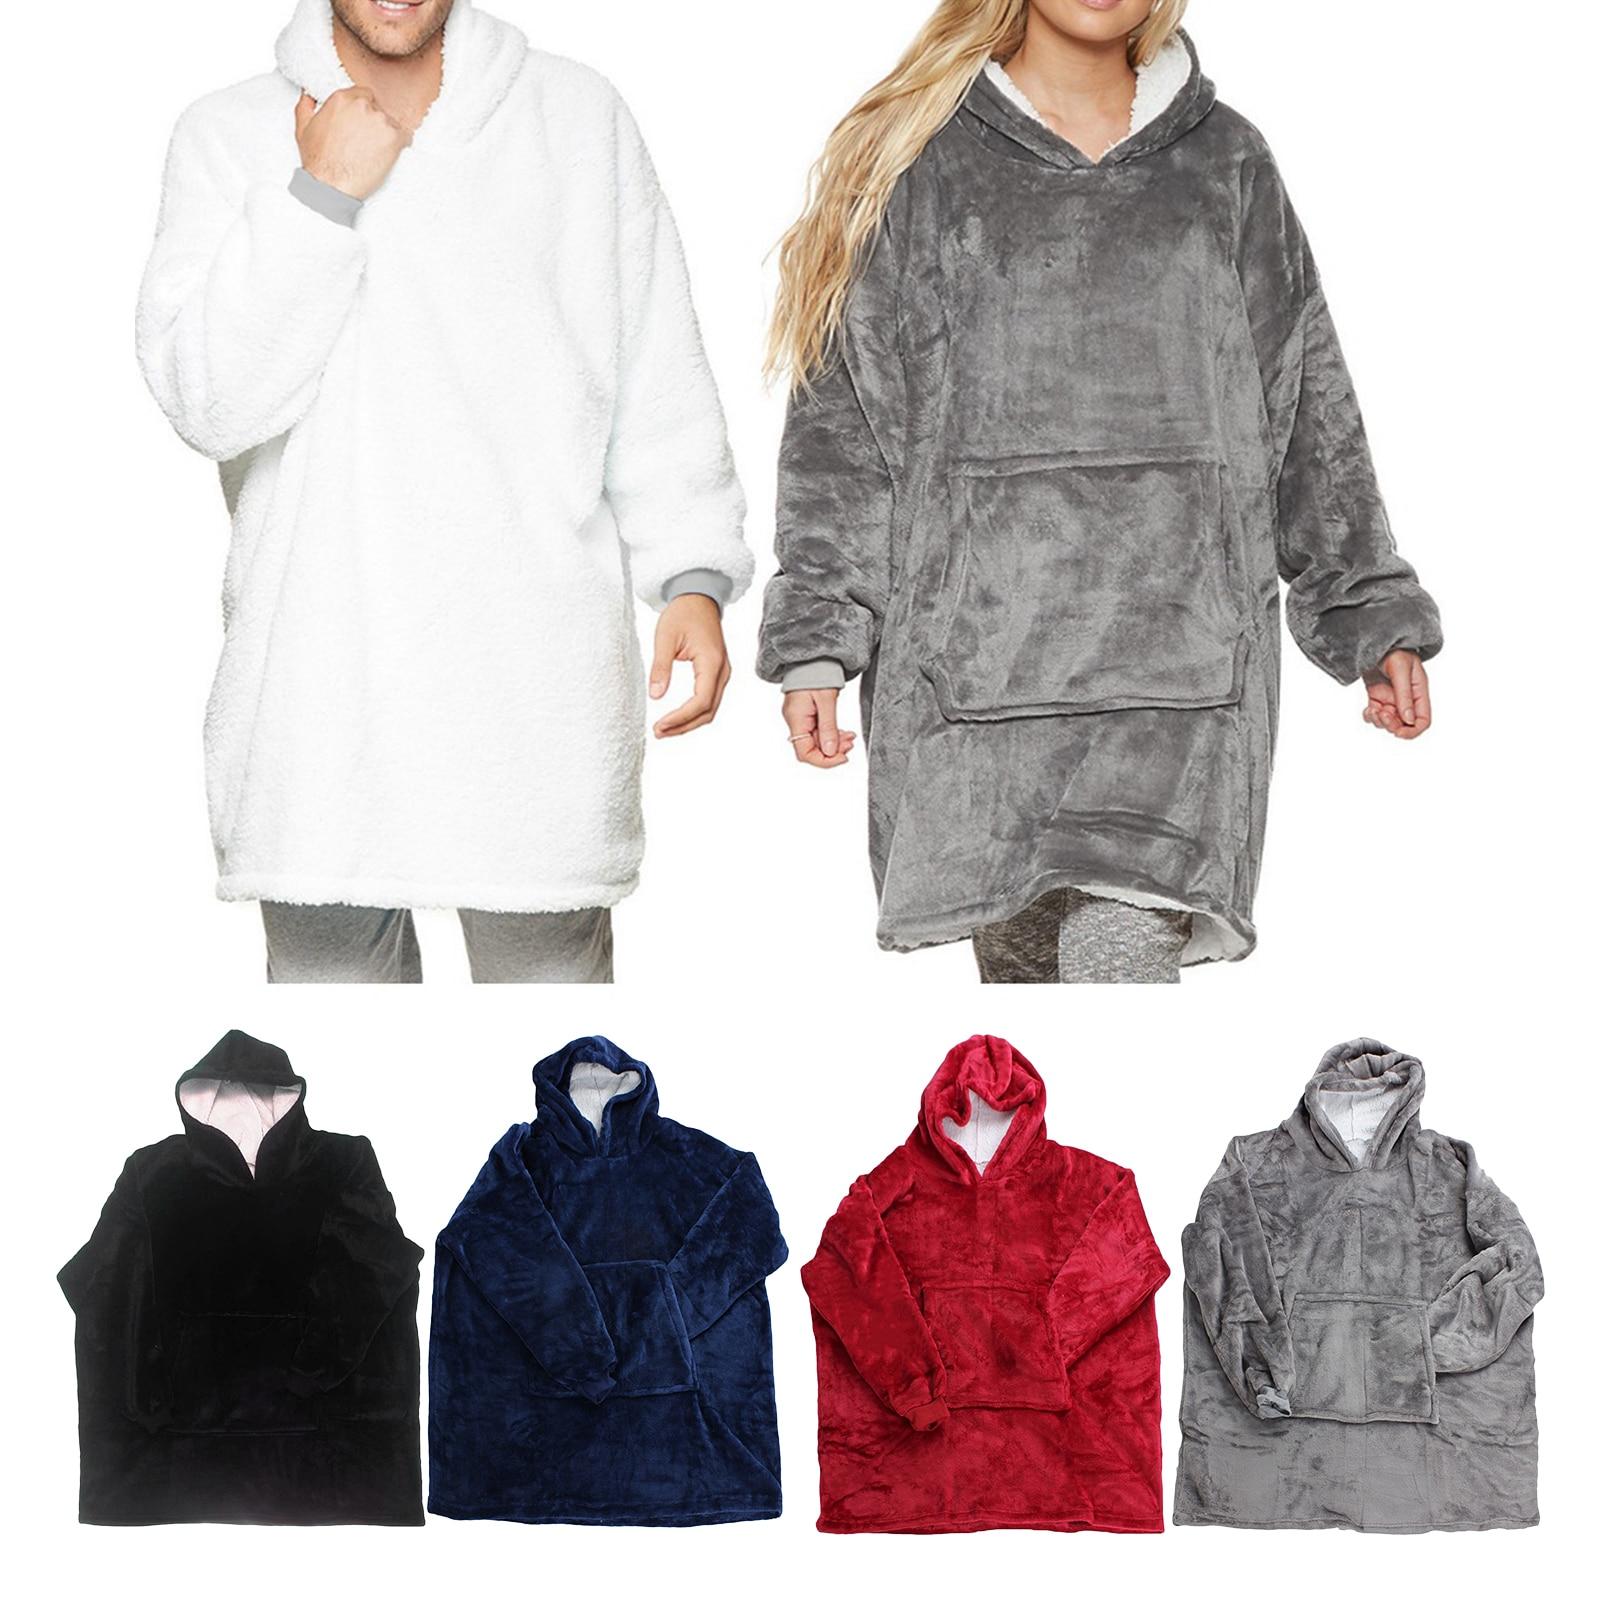 Зимняя теплая толстовка, длинная одежда для отдыха, очень мягкая толстовка, ночная рубашка, ночное белье, Флисовое одеяло, халат для женщин и...